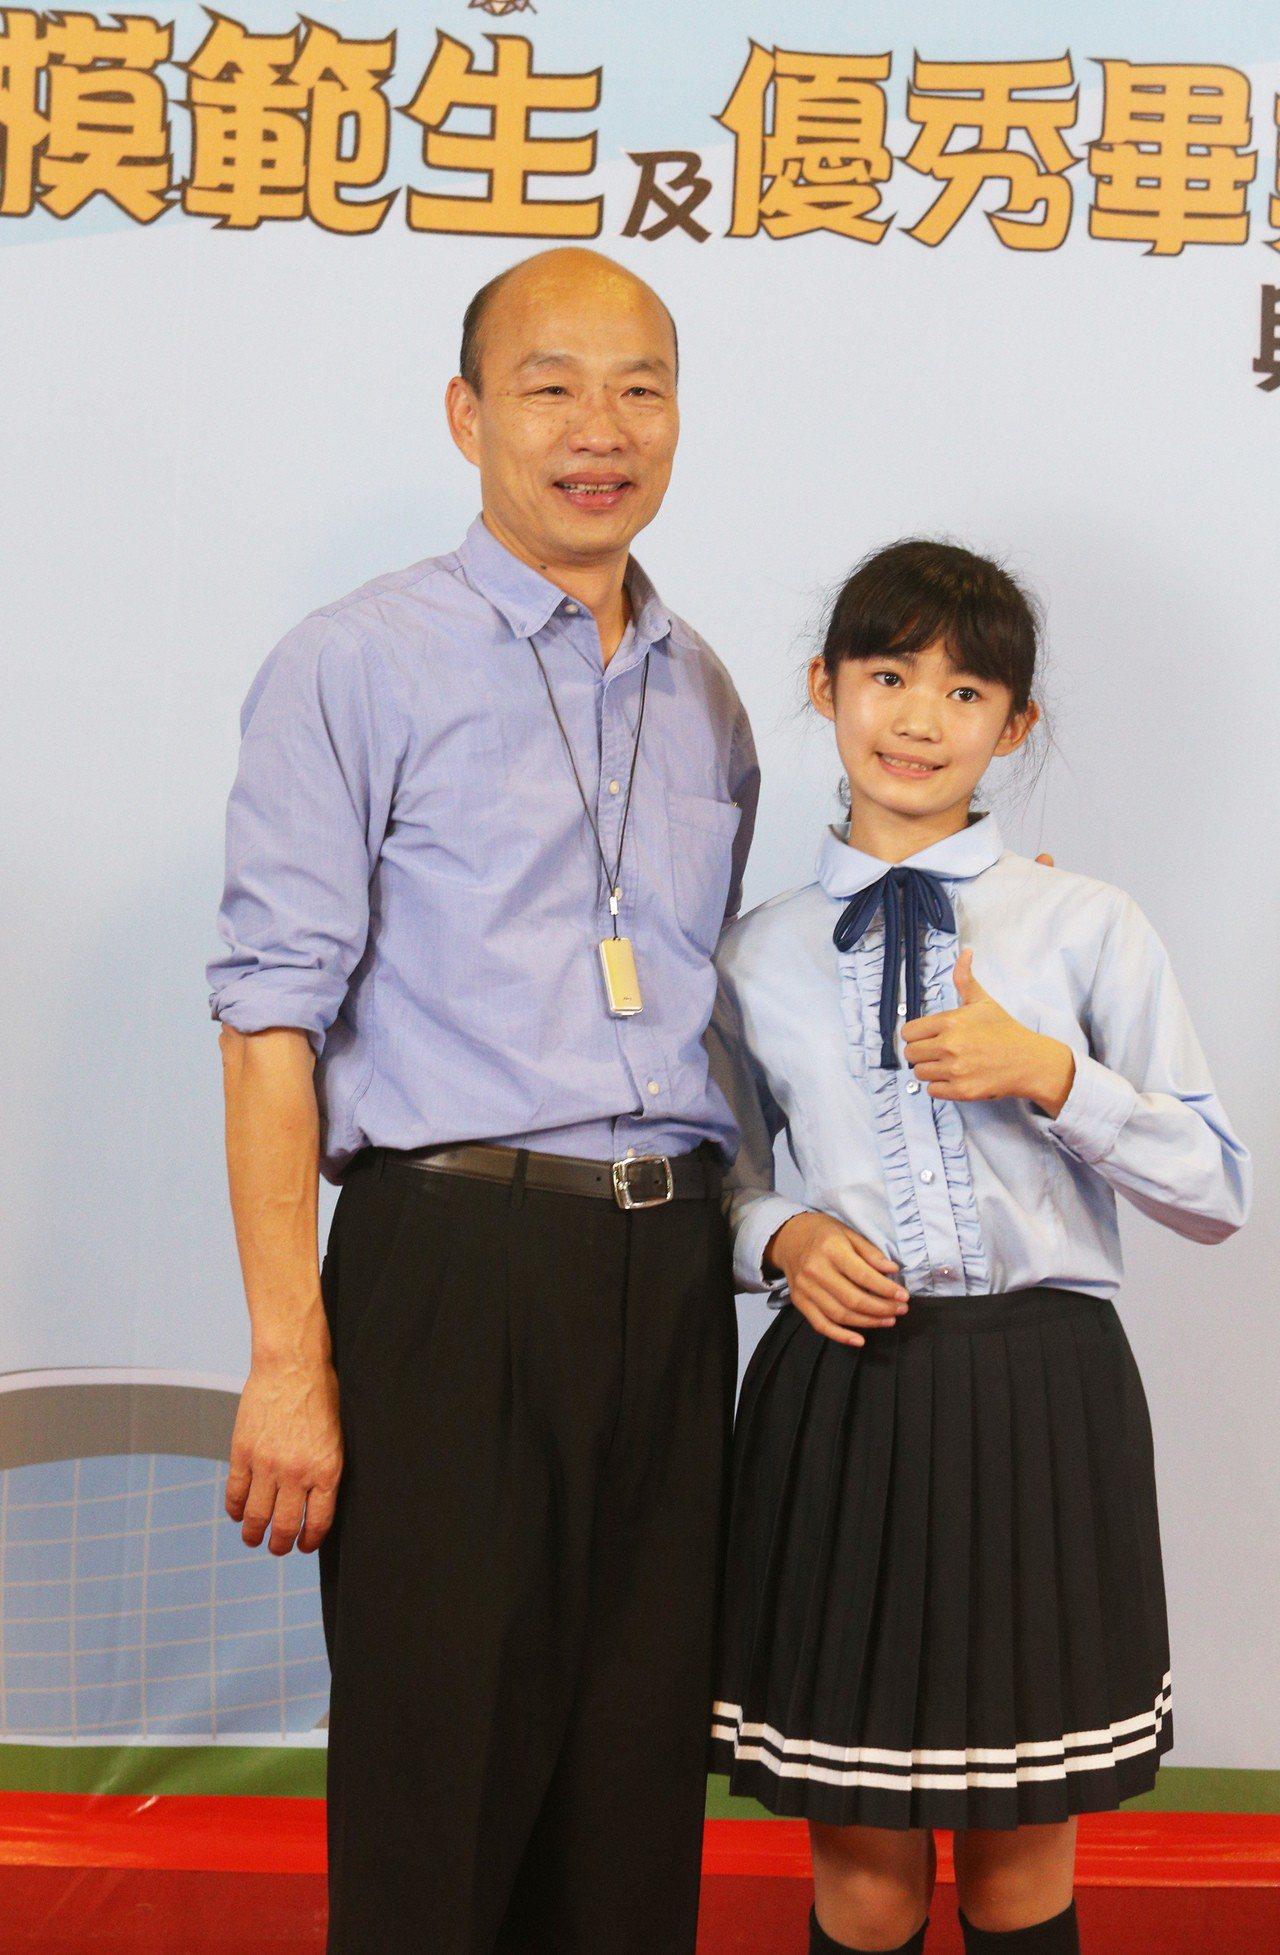 高雄市長韓國瑜到美濃國中與旗美地區的市長獎得主拍照留念。記者劉學聖/攝影